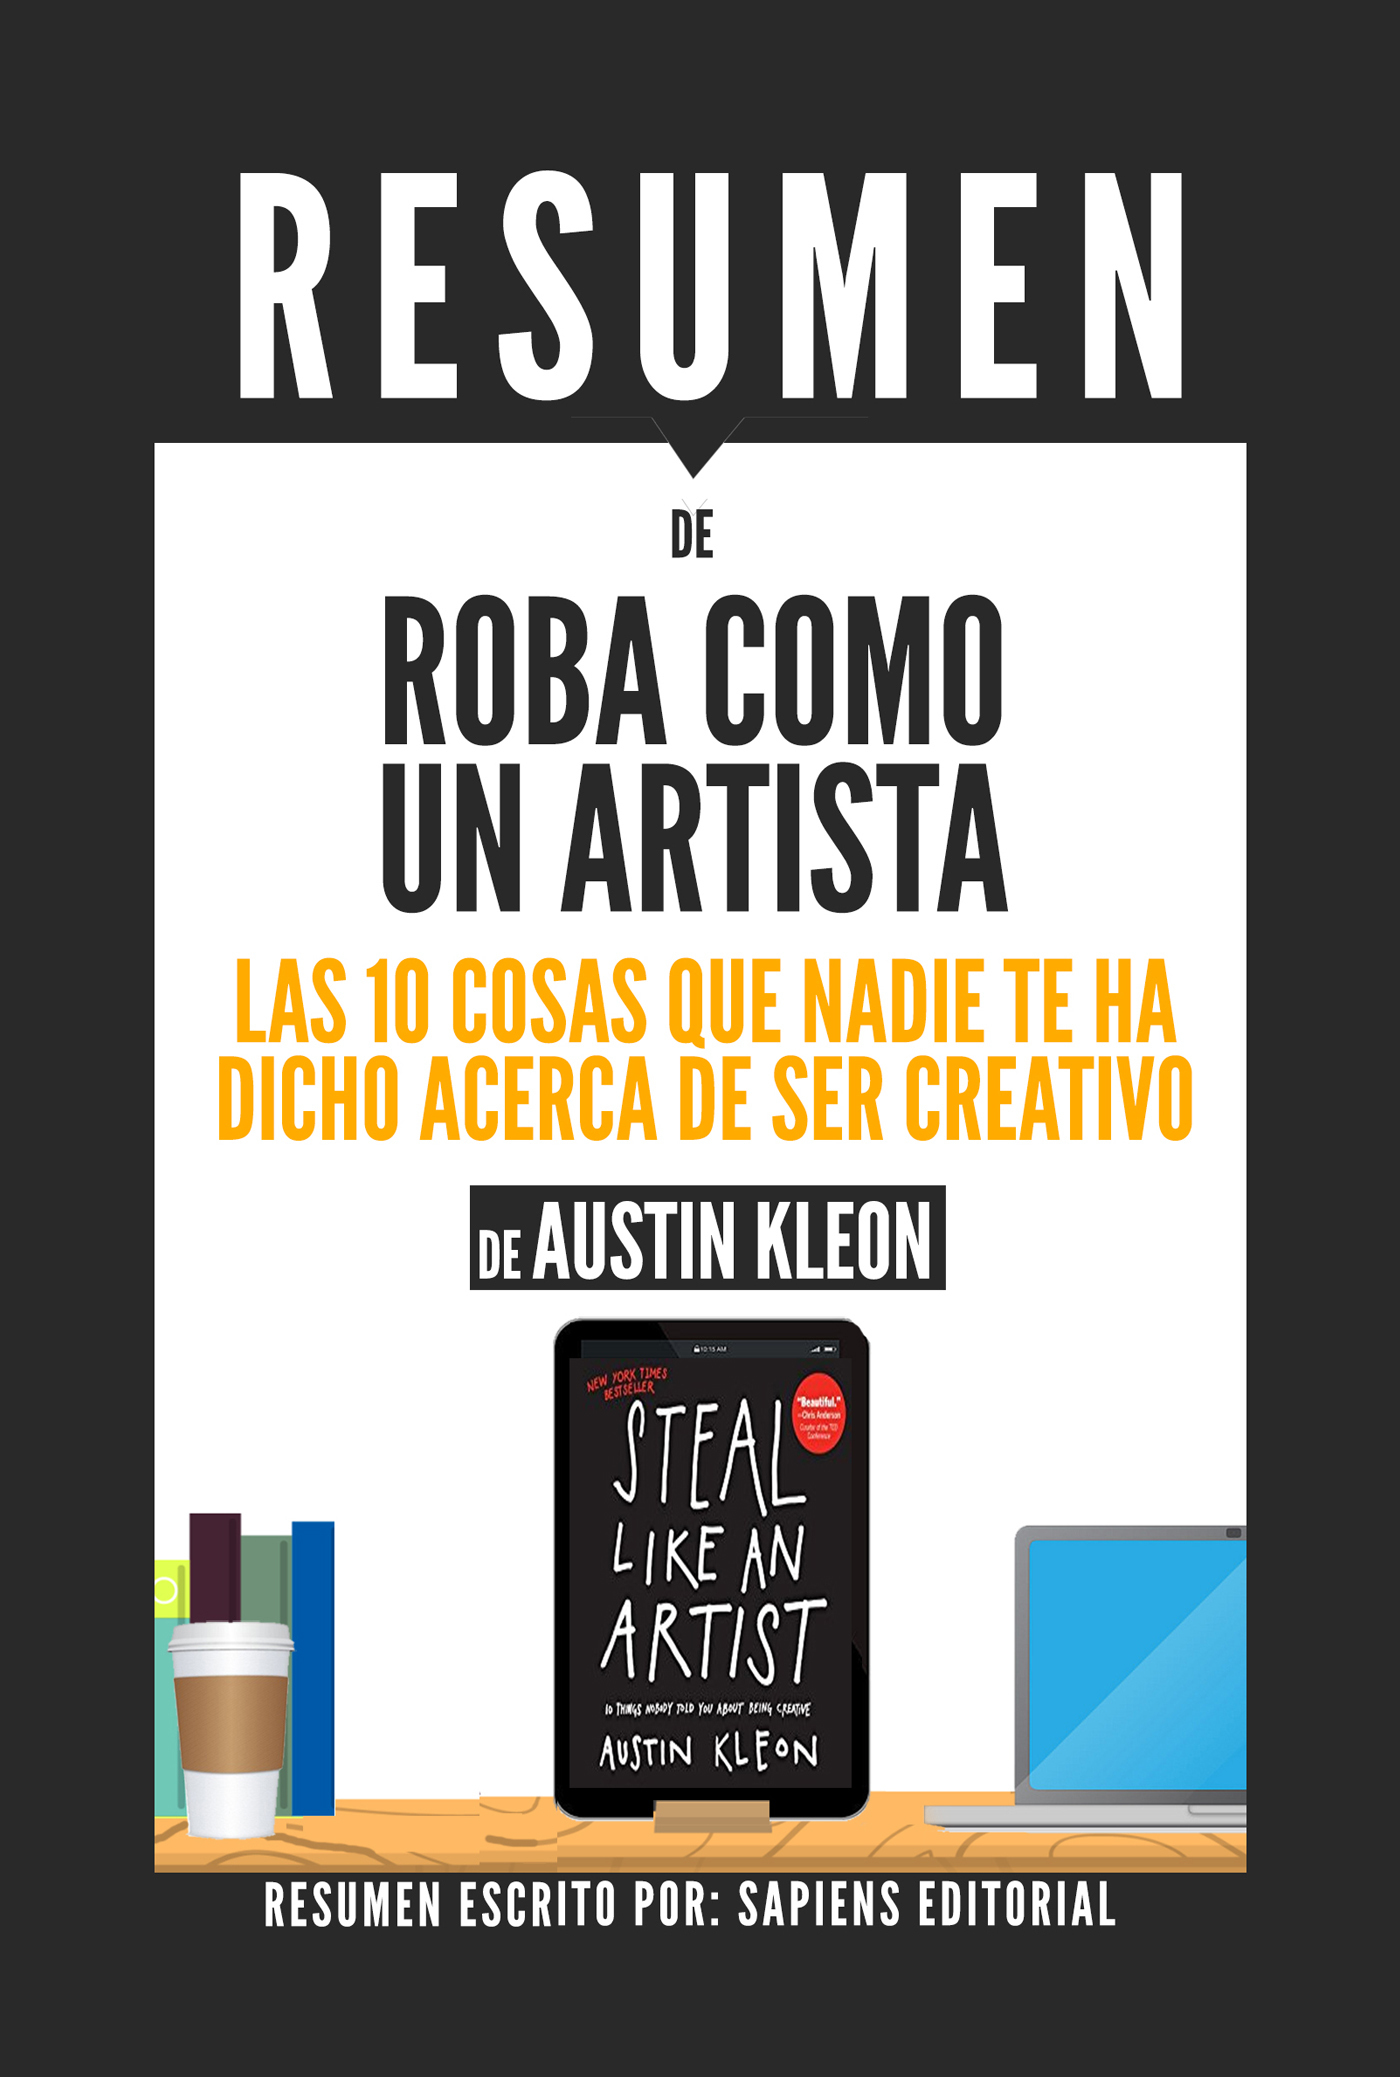 Roba Como Un Artista: Las 10 Cosas Que Nadie Te Ha Dicho Acerca De Ser Creativo (Steal Like An Artist) - Resumen Del Libro De Austin Kleon